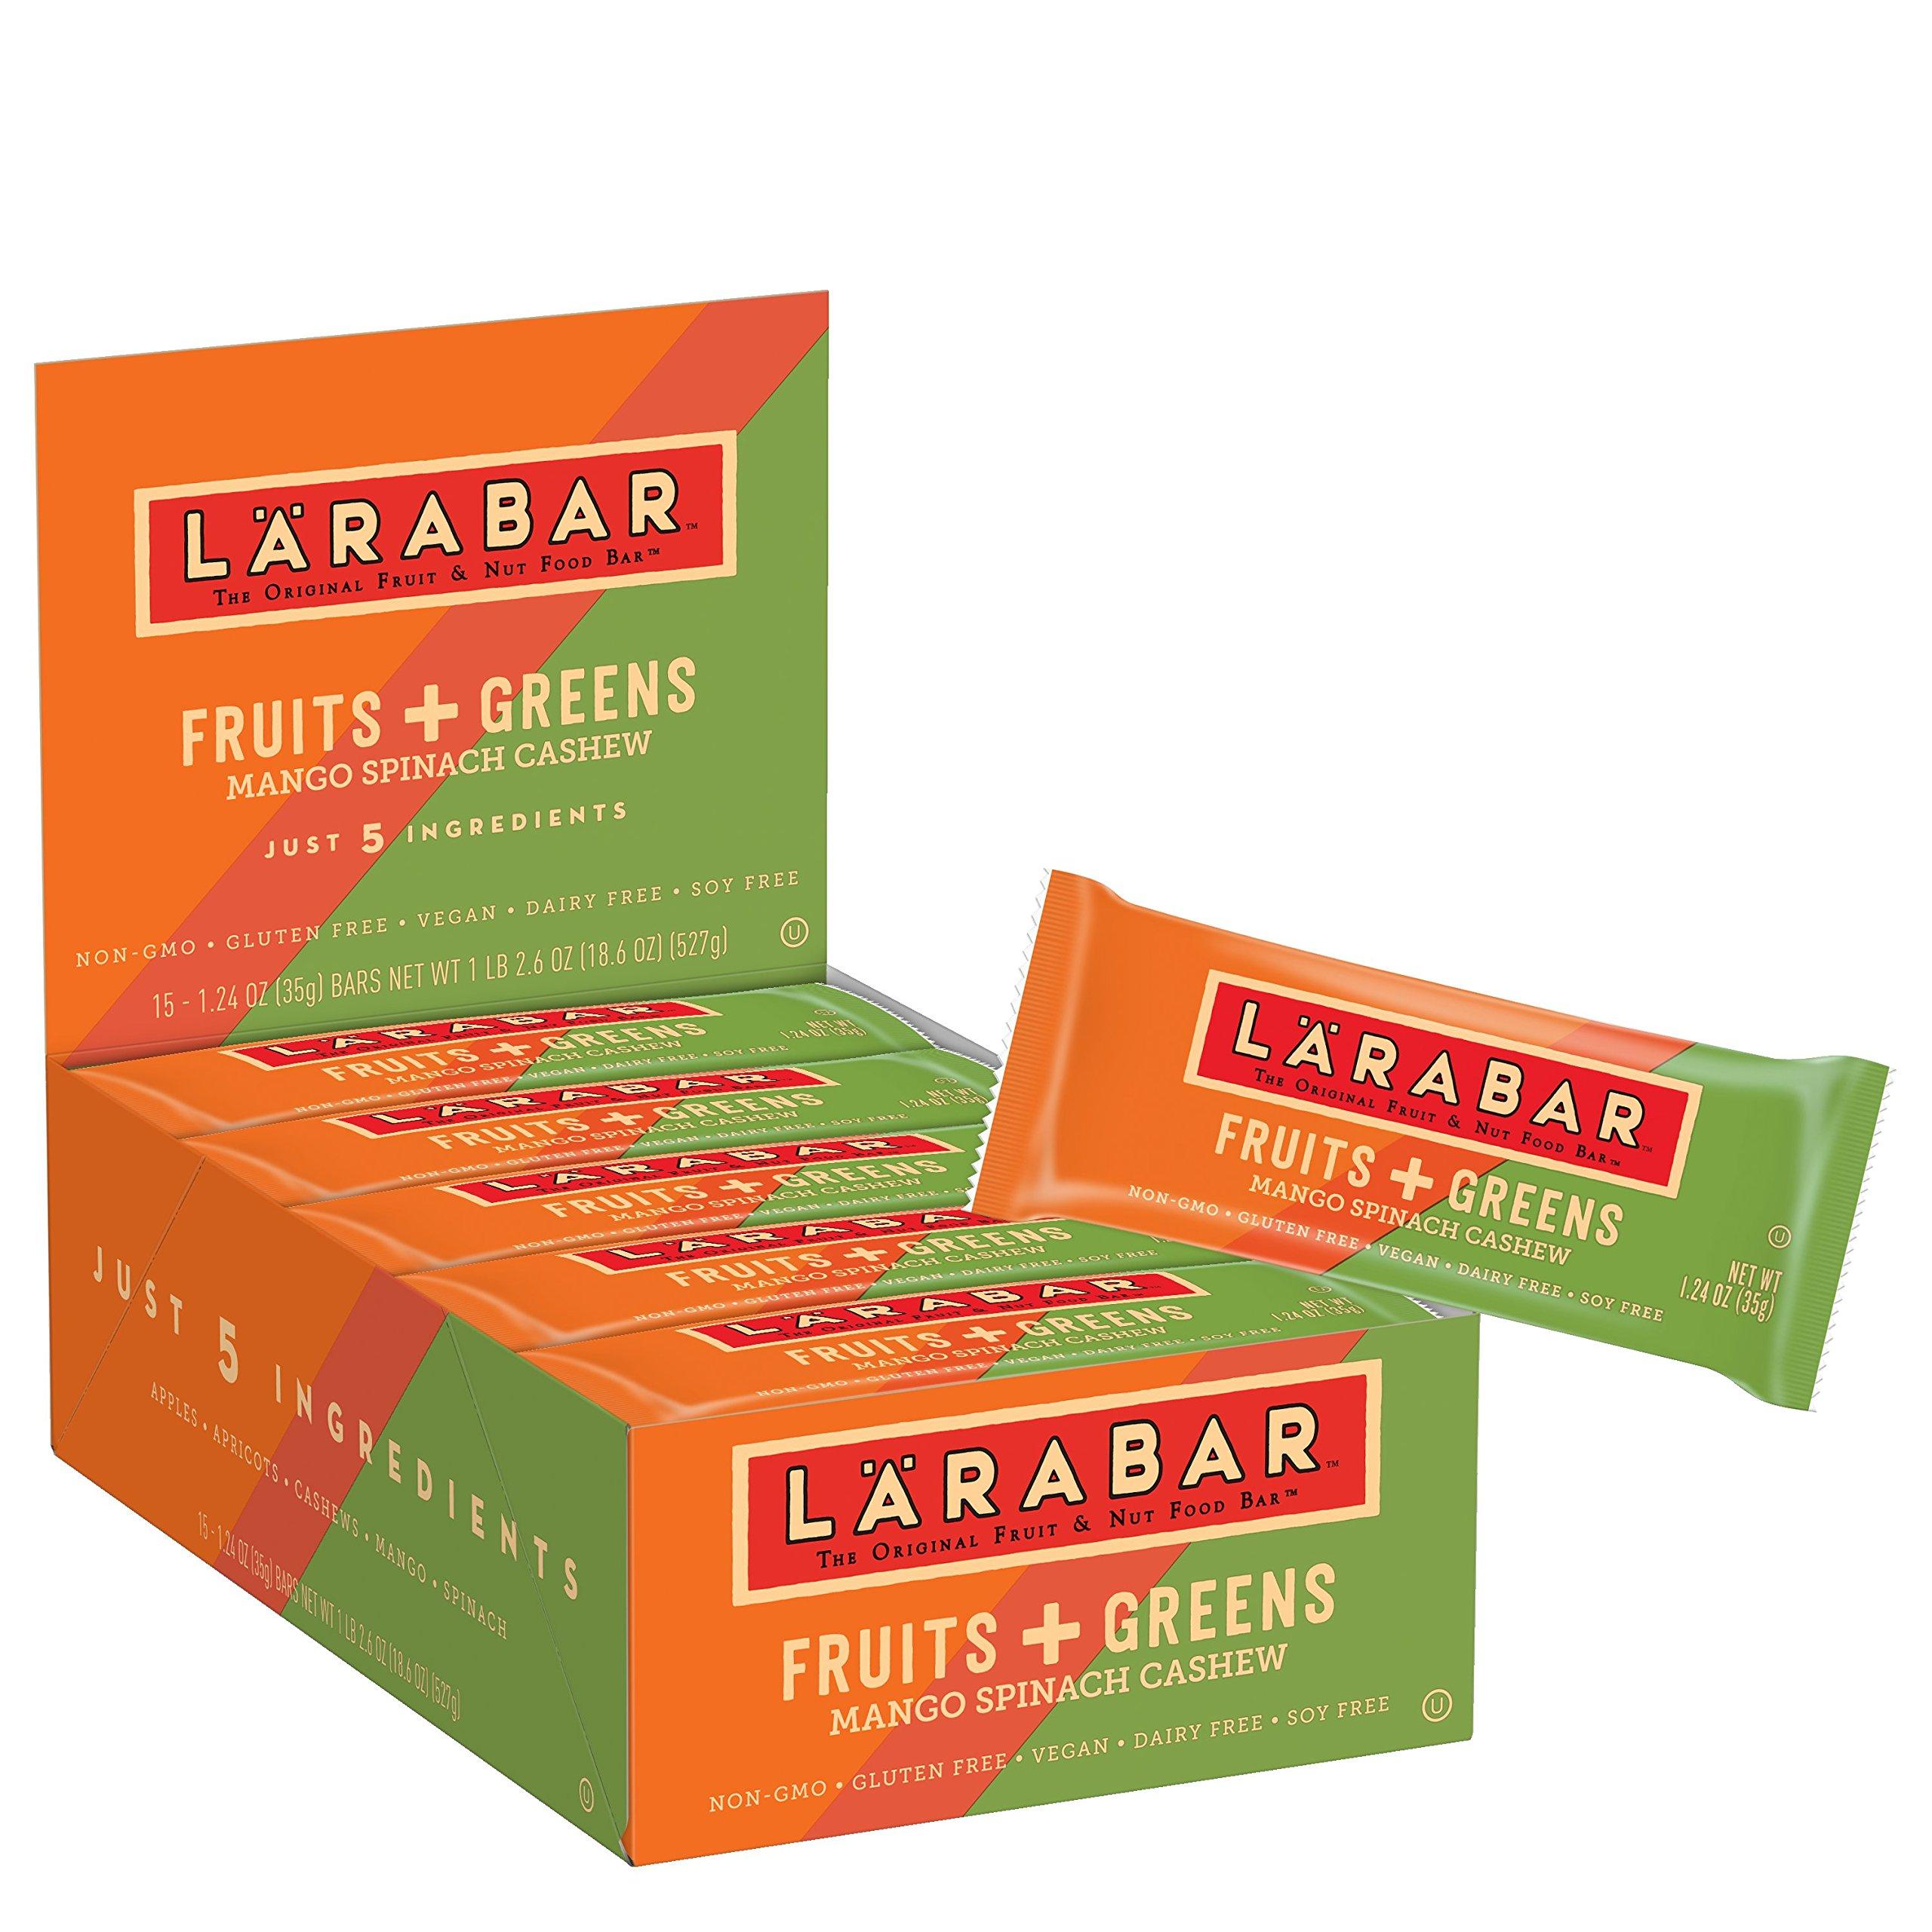 LÄRABAR Larabar Gluten Free Bar, Fruits + Greens, Mango Spinach Cashew, 1.24 oz Bars (15 Count)